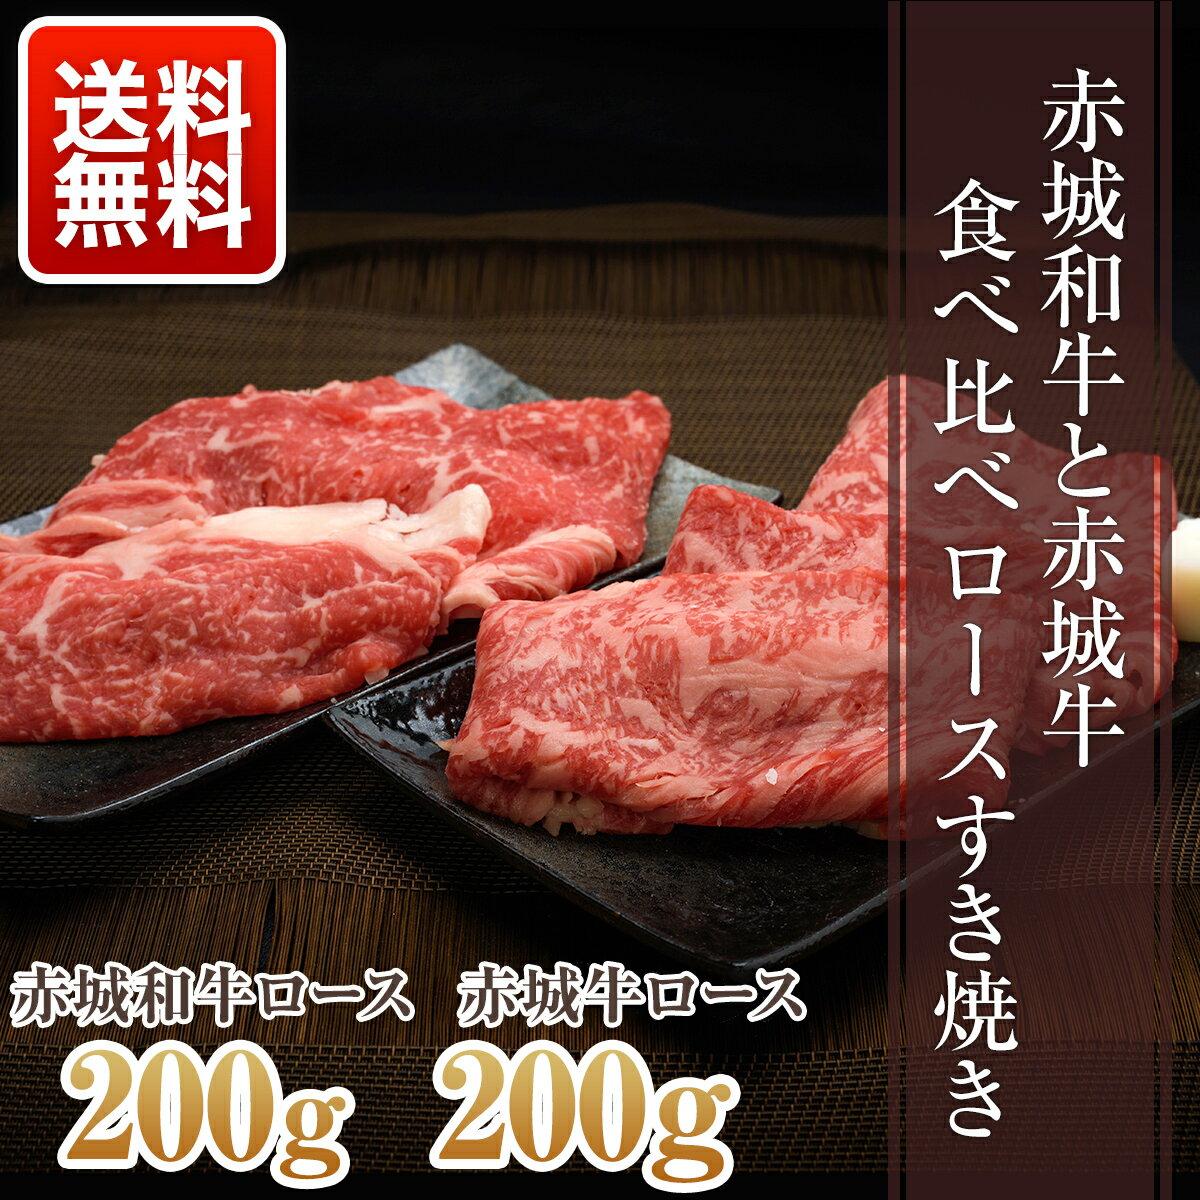 【数量限定・送料無料】赤城和牛ロースすき焼き特製割り下付